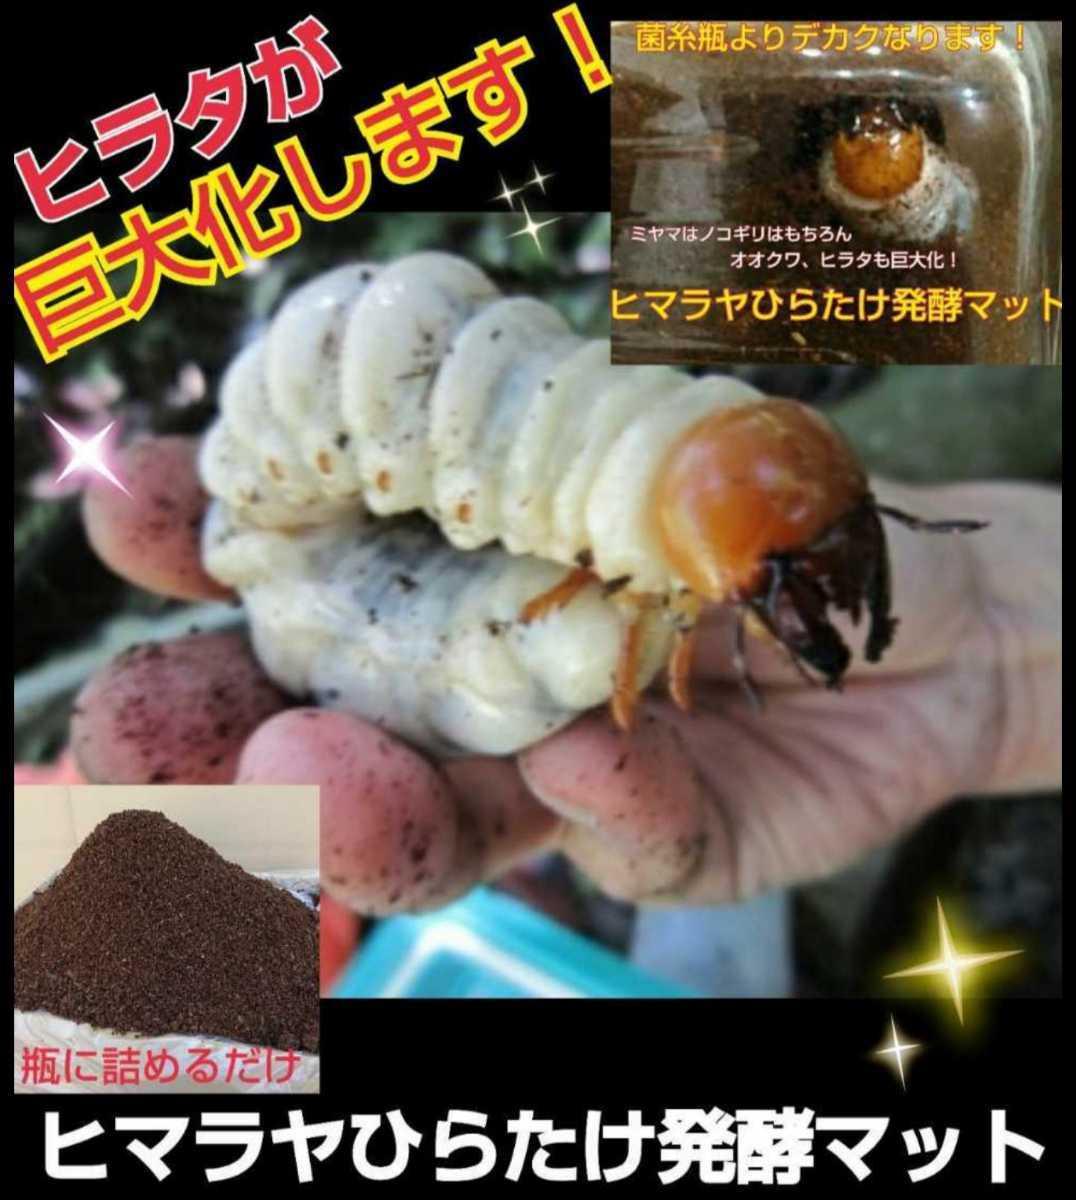 ヒマラヤひらたけ発酵マット☆カブトムシ・クワガタの幼虫の餌、産卵マットに!栄養価抜群なのでビッグサイズ狙えます!クヌギ100%原料_画像8